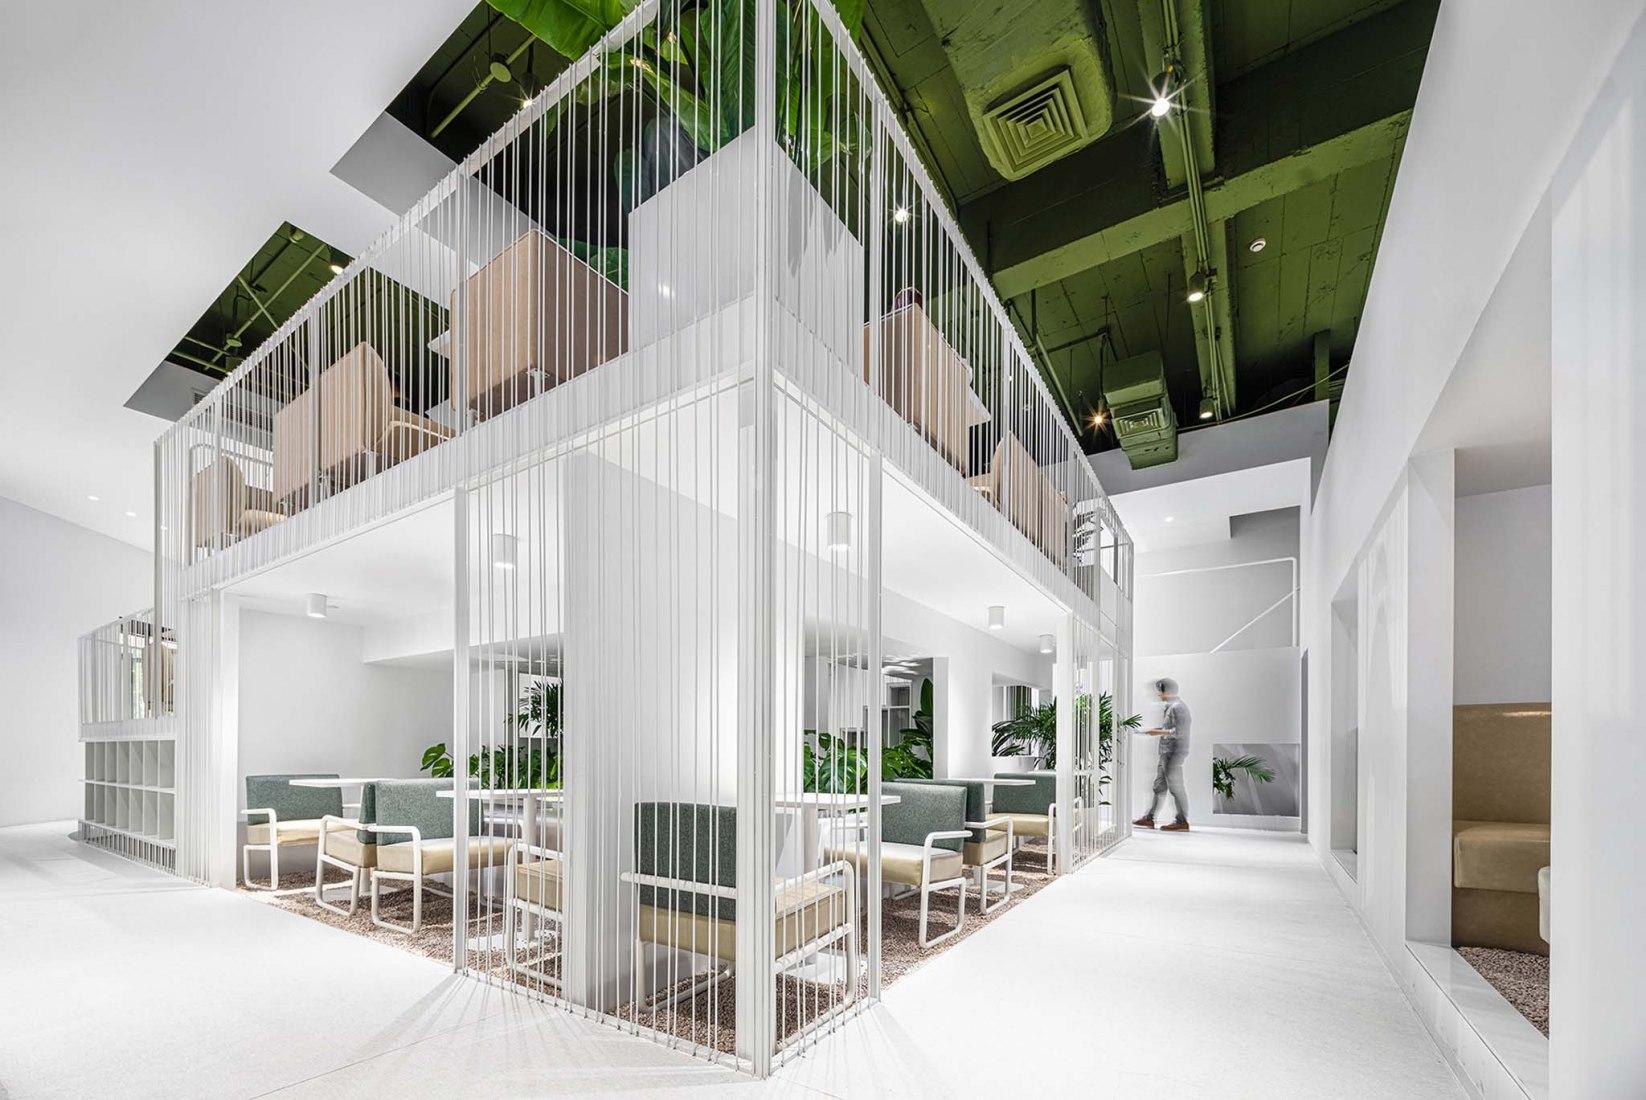 Inno. EcoSLab por Qucess Design. Fotografía por Shi Yunfeng